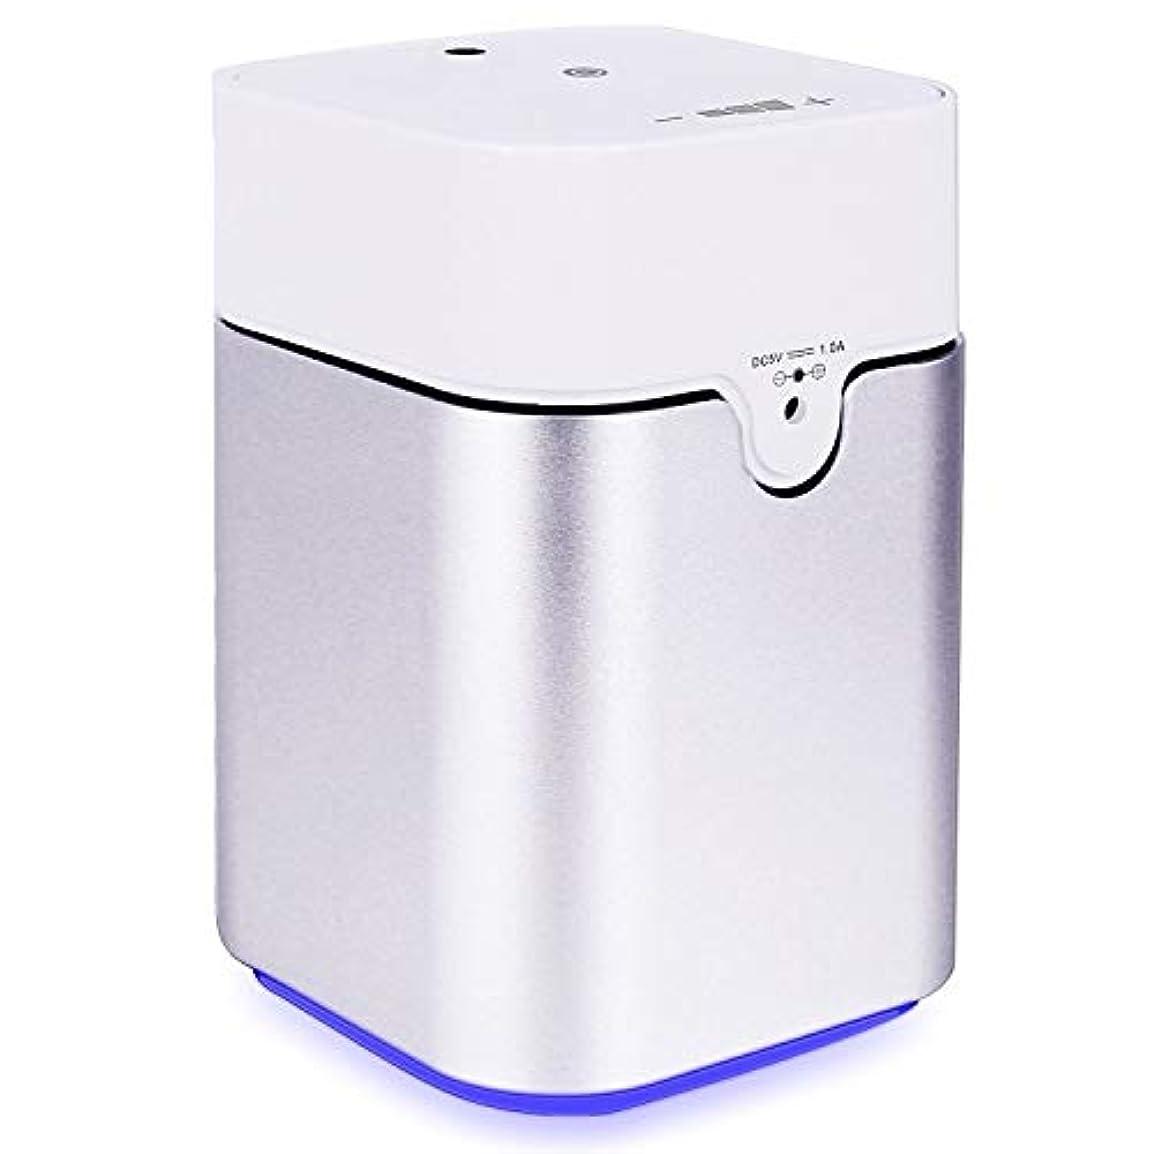 食べる世代ドライブENERG e's Pure アロマディフューザー ヨガ室 整体院人気 タイマー機能 ネブライザー式 量調整可能 精油瓶3個付き T11-ENS082